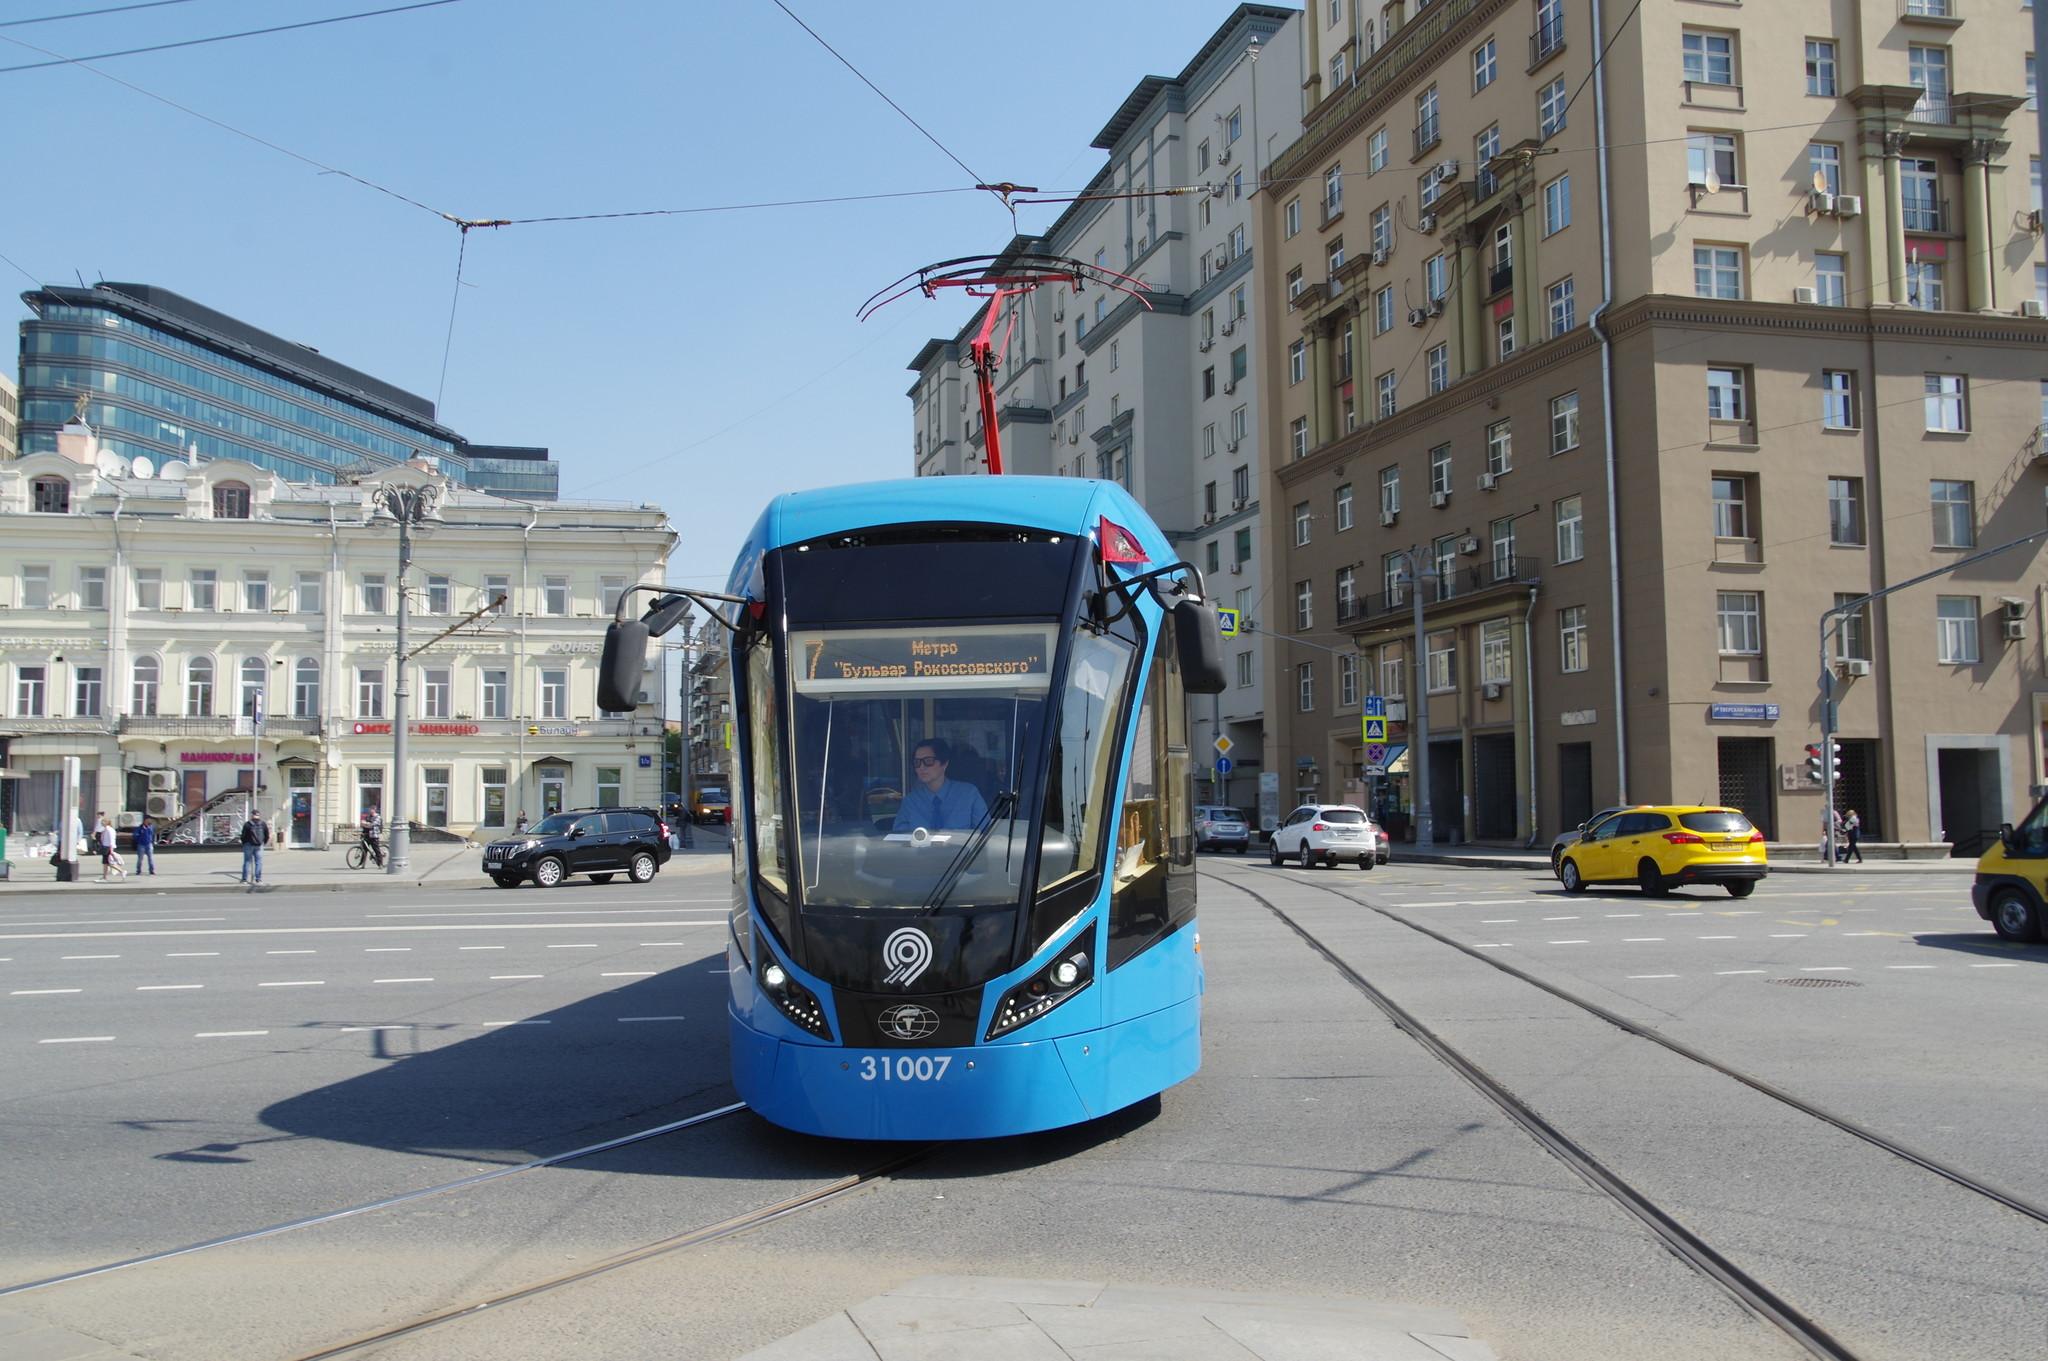 Трамвай 71-931М «Витязь-М» № 31007, маршрут 7. Площадь Тверская Застава